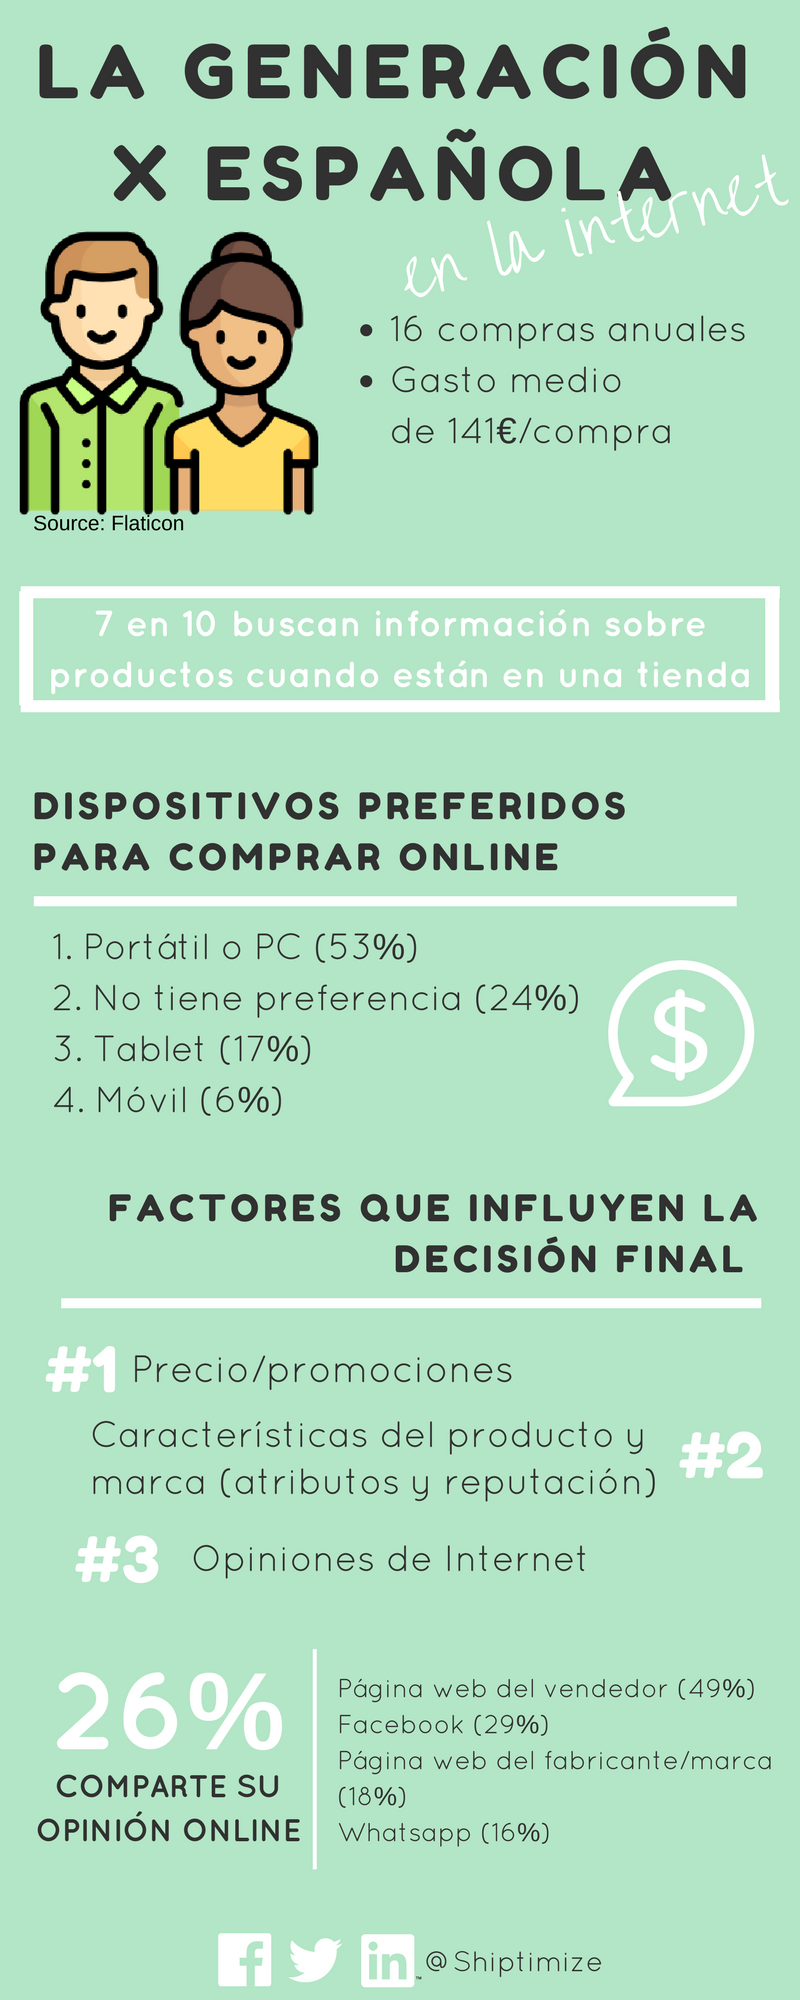 Generación X en España en Internet #infografia #infographic #marketing